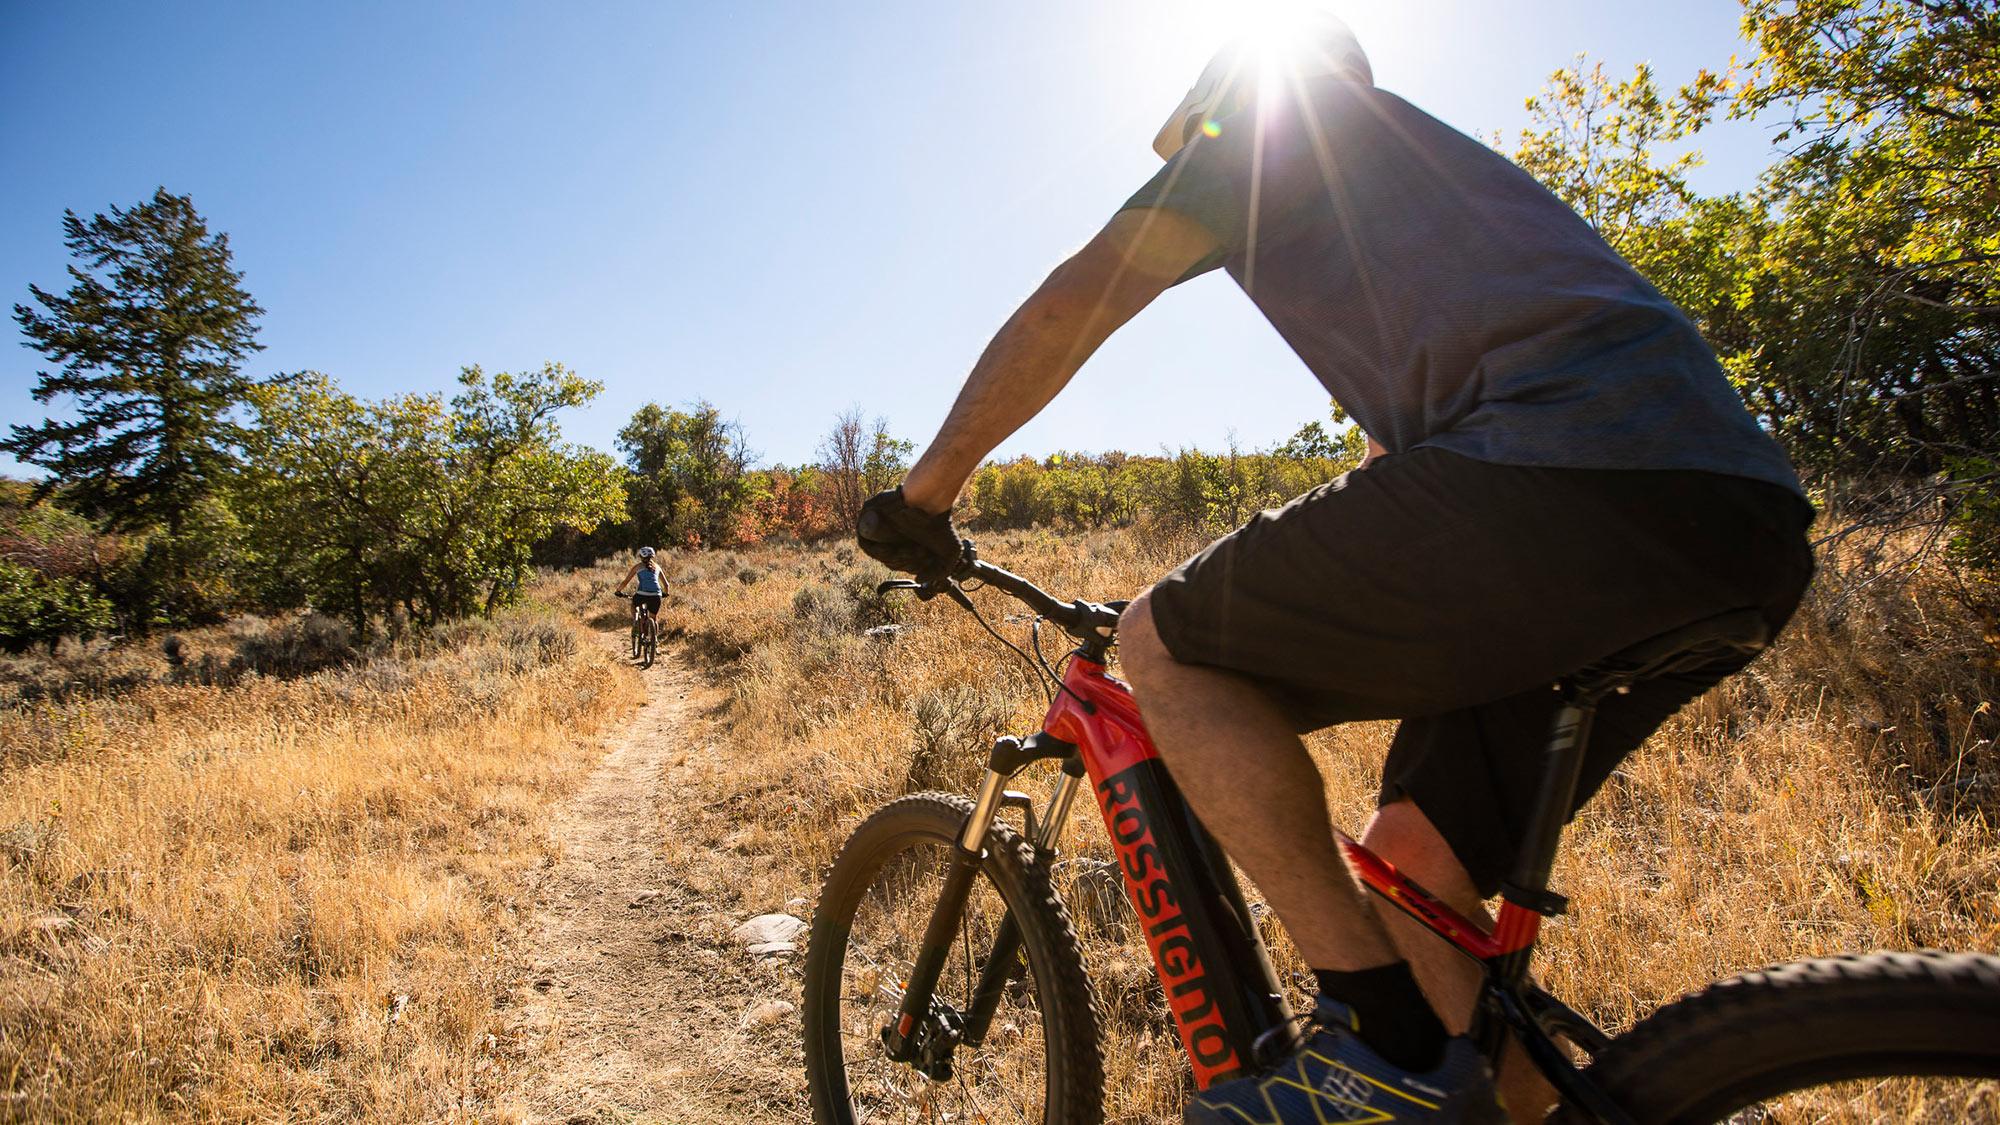 bsk-gallery-bikerides.jpg